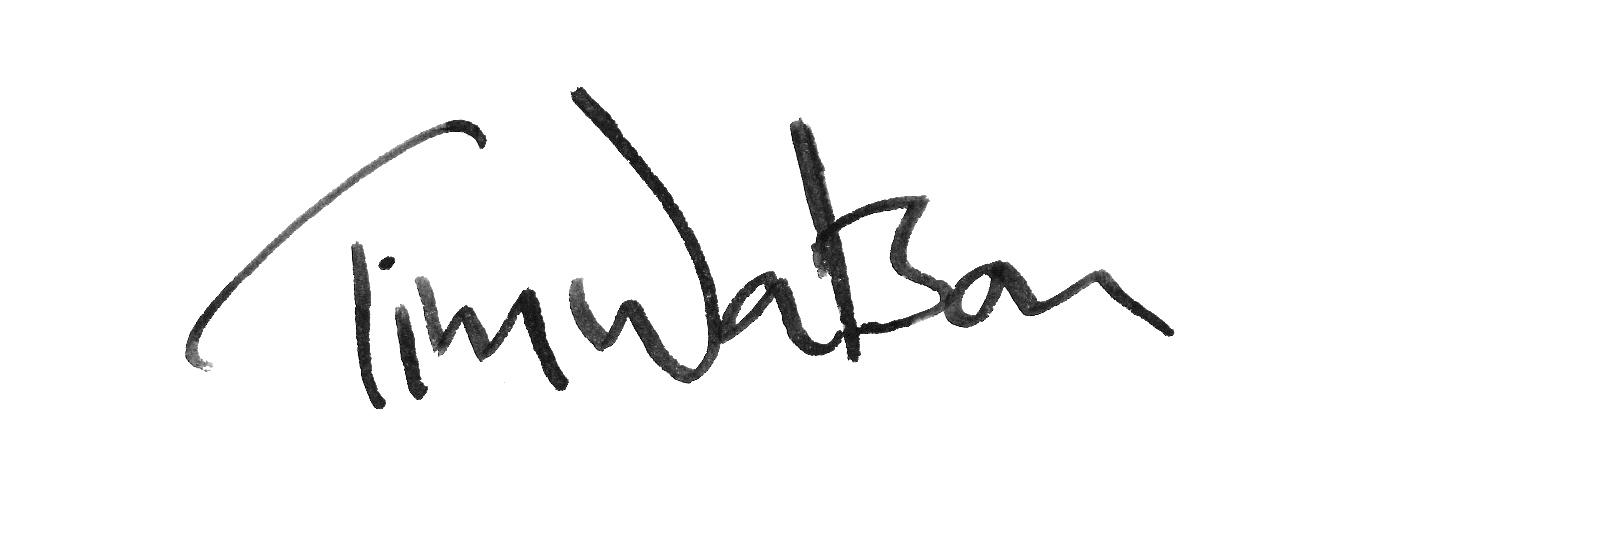 Tim Watson Signature